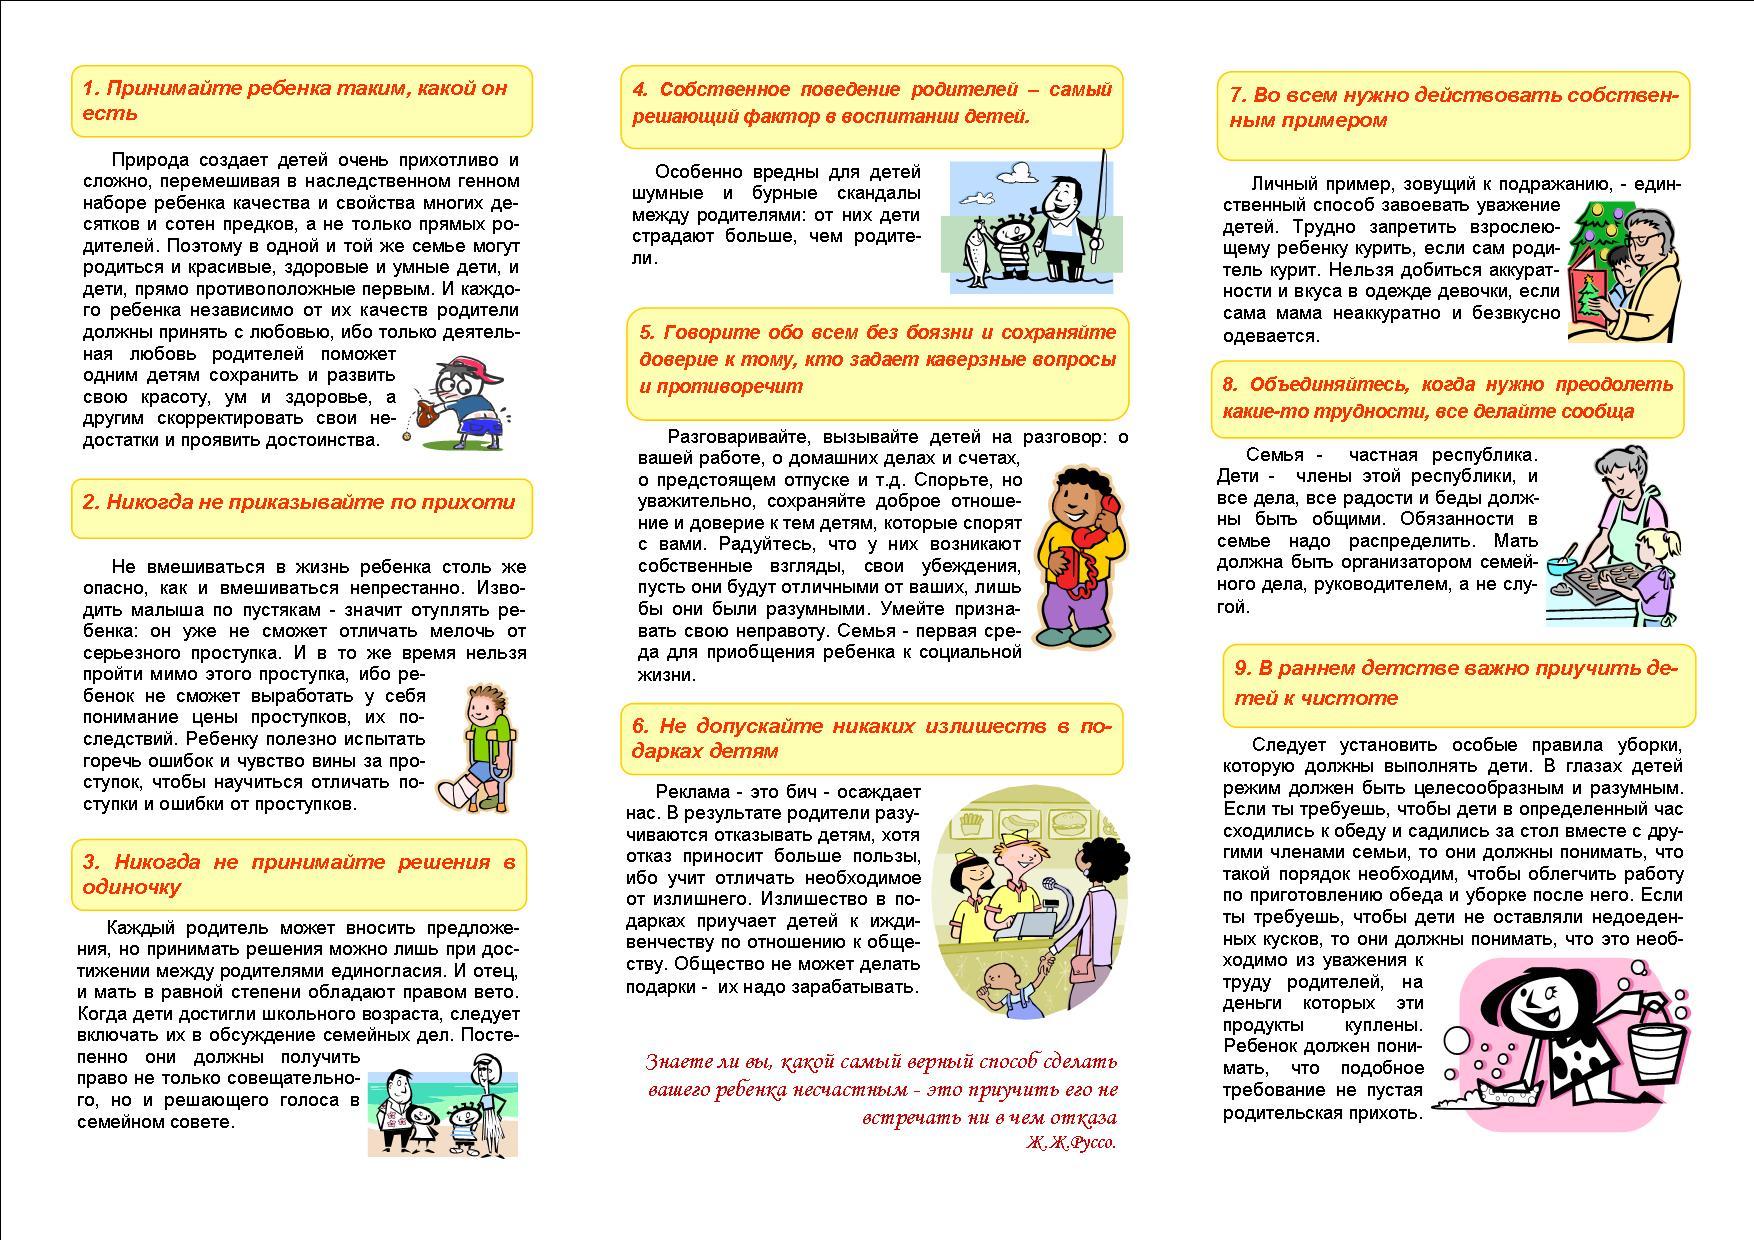 C:\Users\Anna\Desktop\брошюры нов\Заповеди семейного воспитания 2.jpg